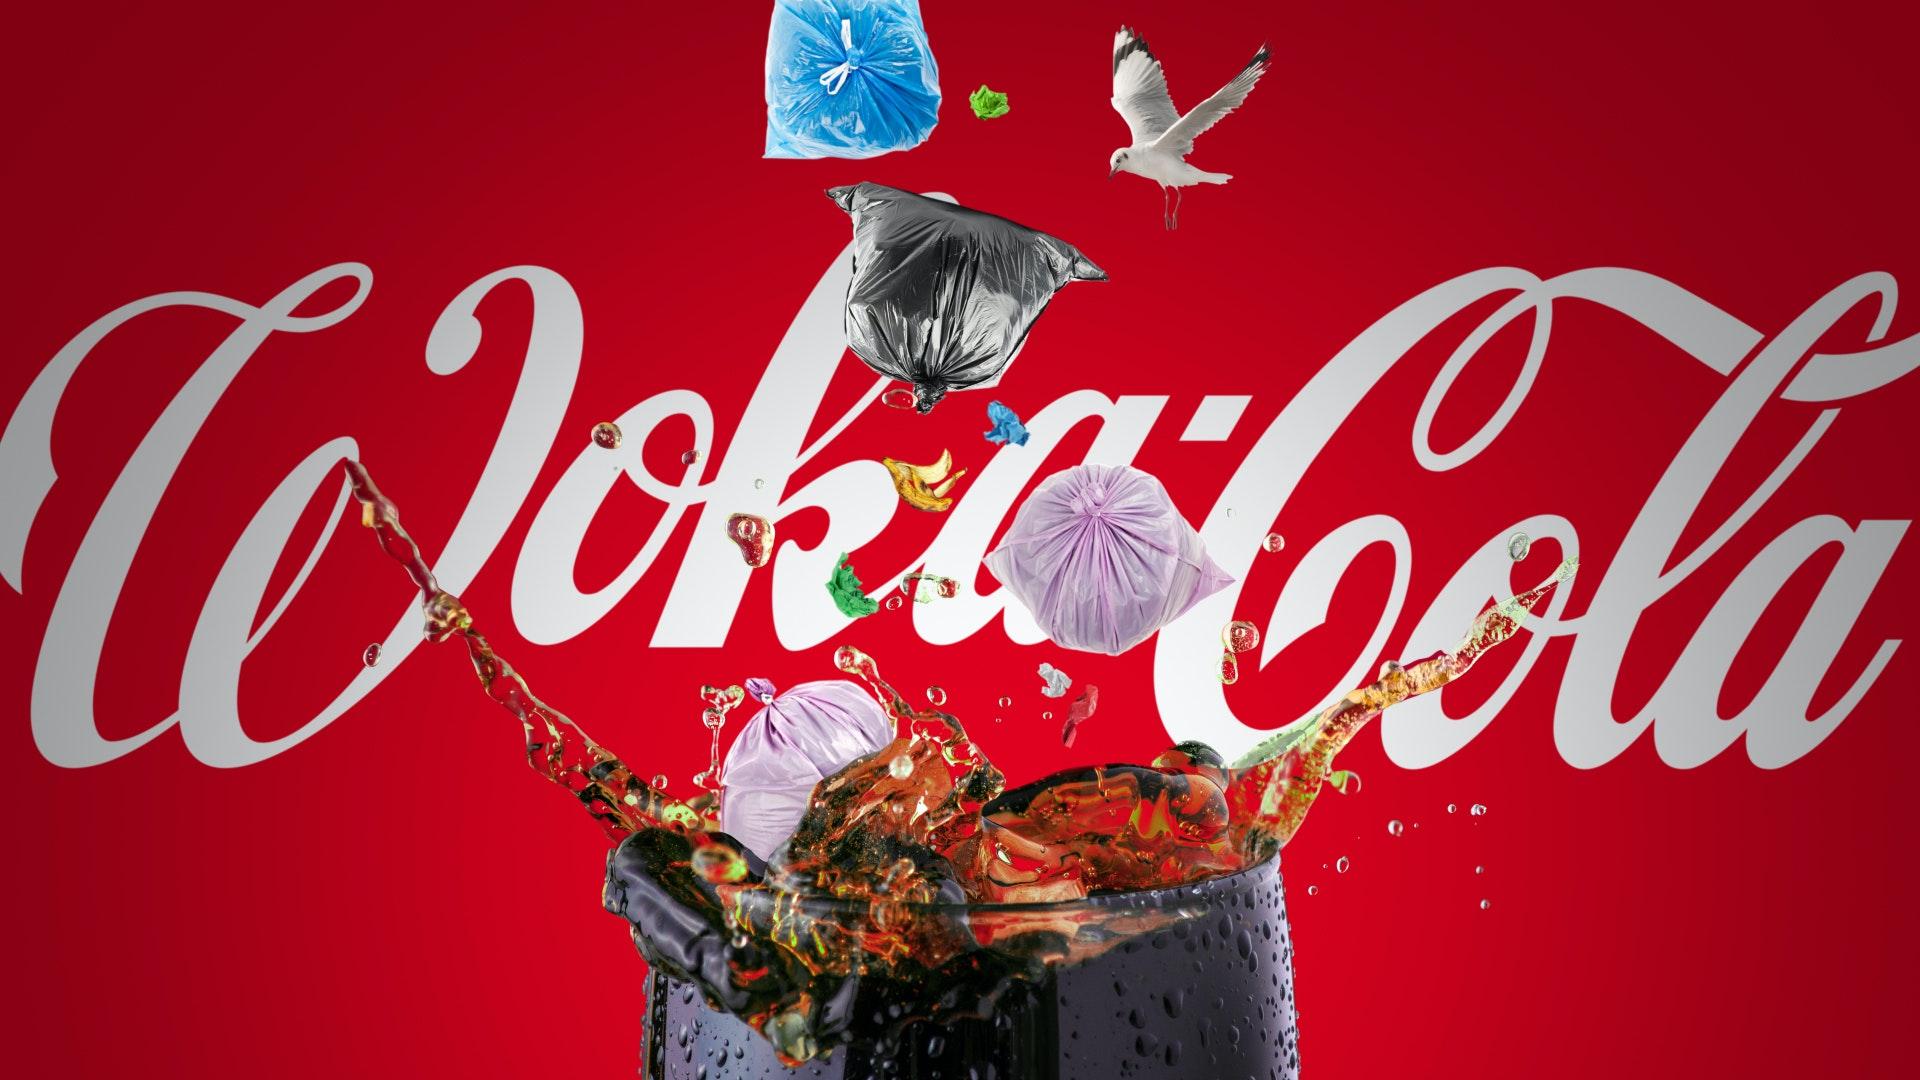 Ep. 1227 - Woka-Cola Tastes Like Garbage